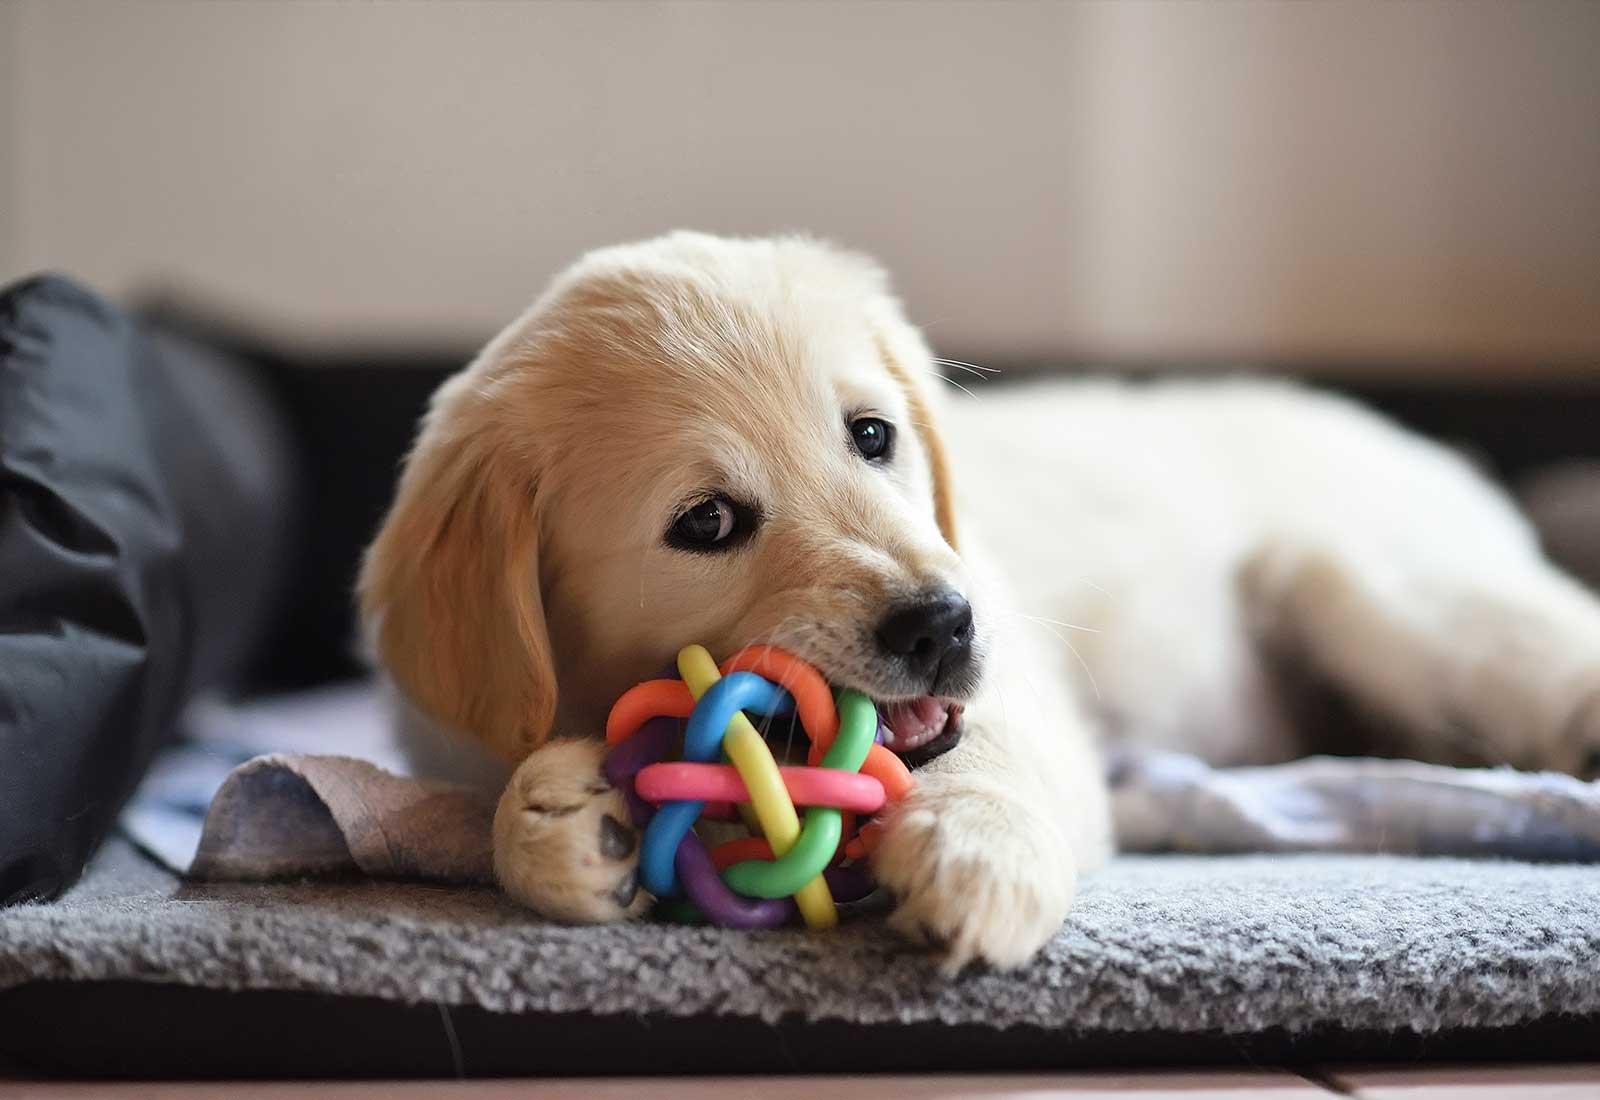 Preschool for pets